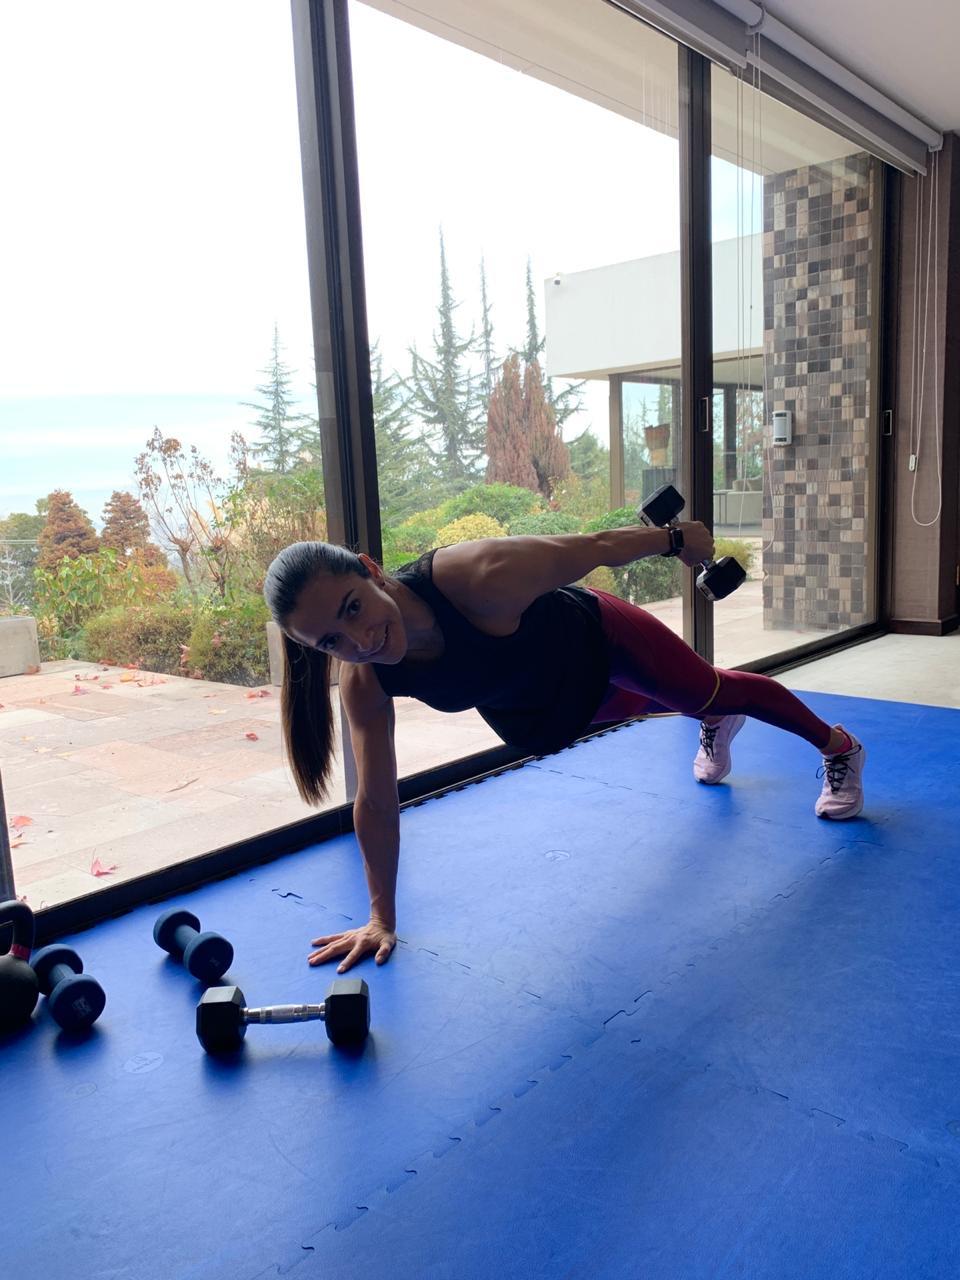 La importancia del ejercicio y la alimentación en tiempos de cuarentena: entrena en casa y seguro